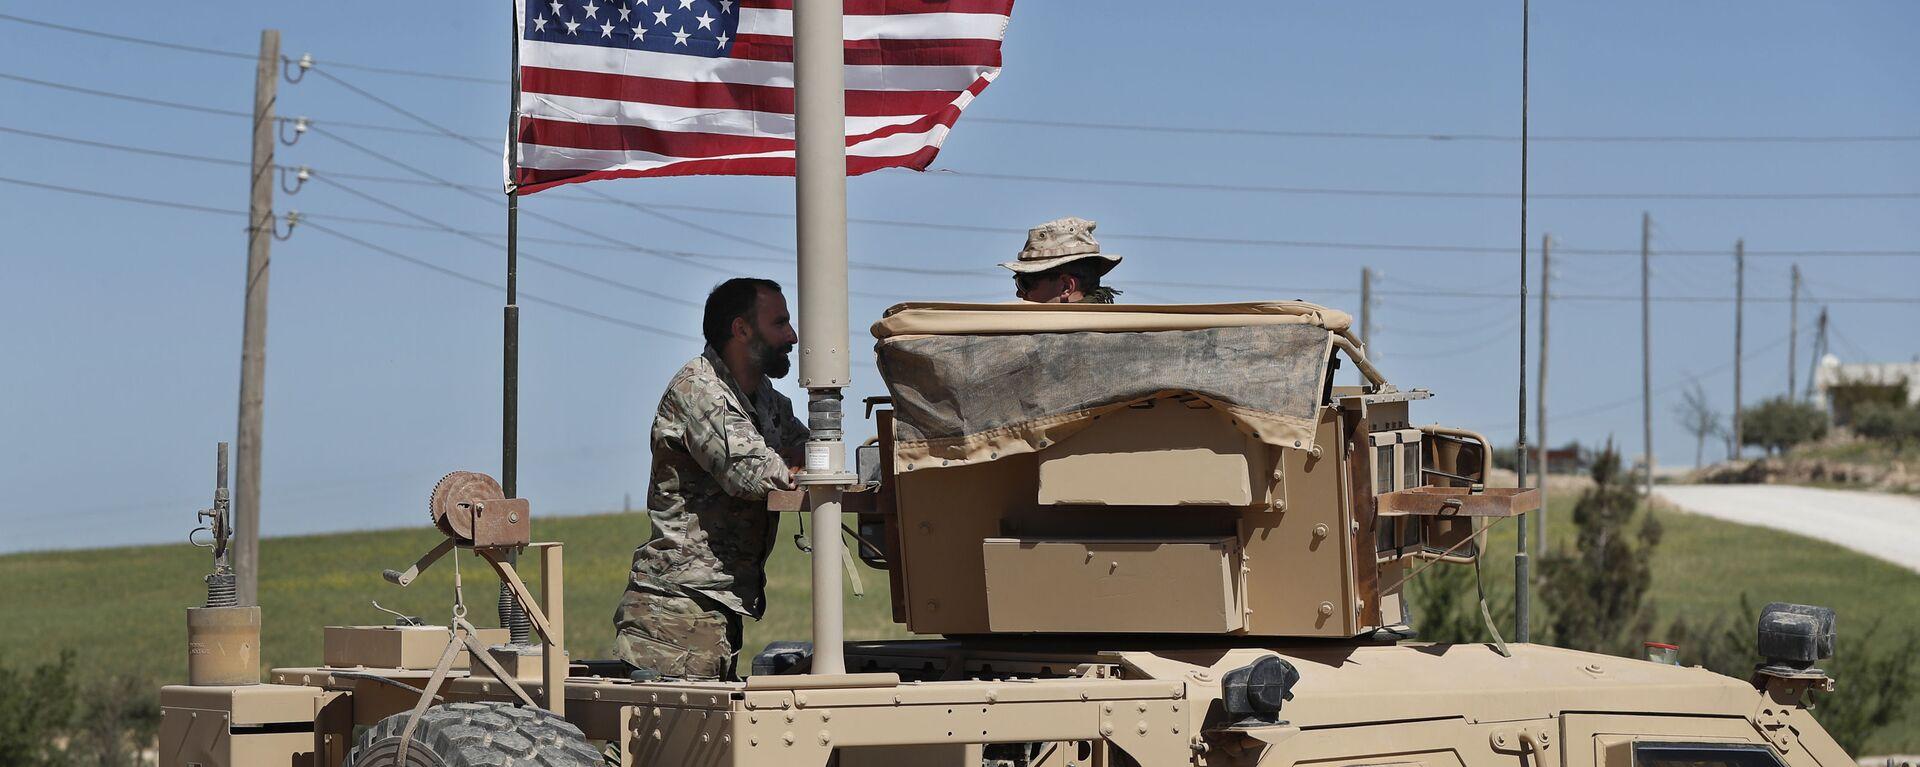 Amerykański wojskowy rozmawia z żołnierzem ze wspieranej przez USA syryjskiej opozycji w północnej Syrii - Sputnik Polska, 1920, 04.07.2021